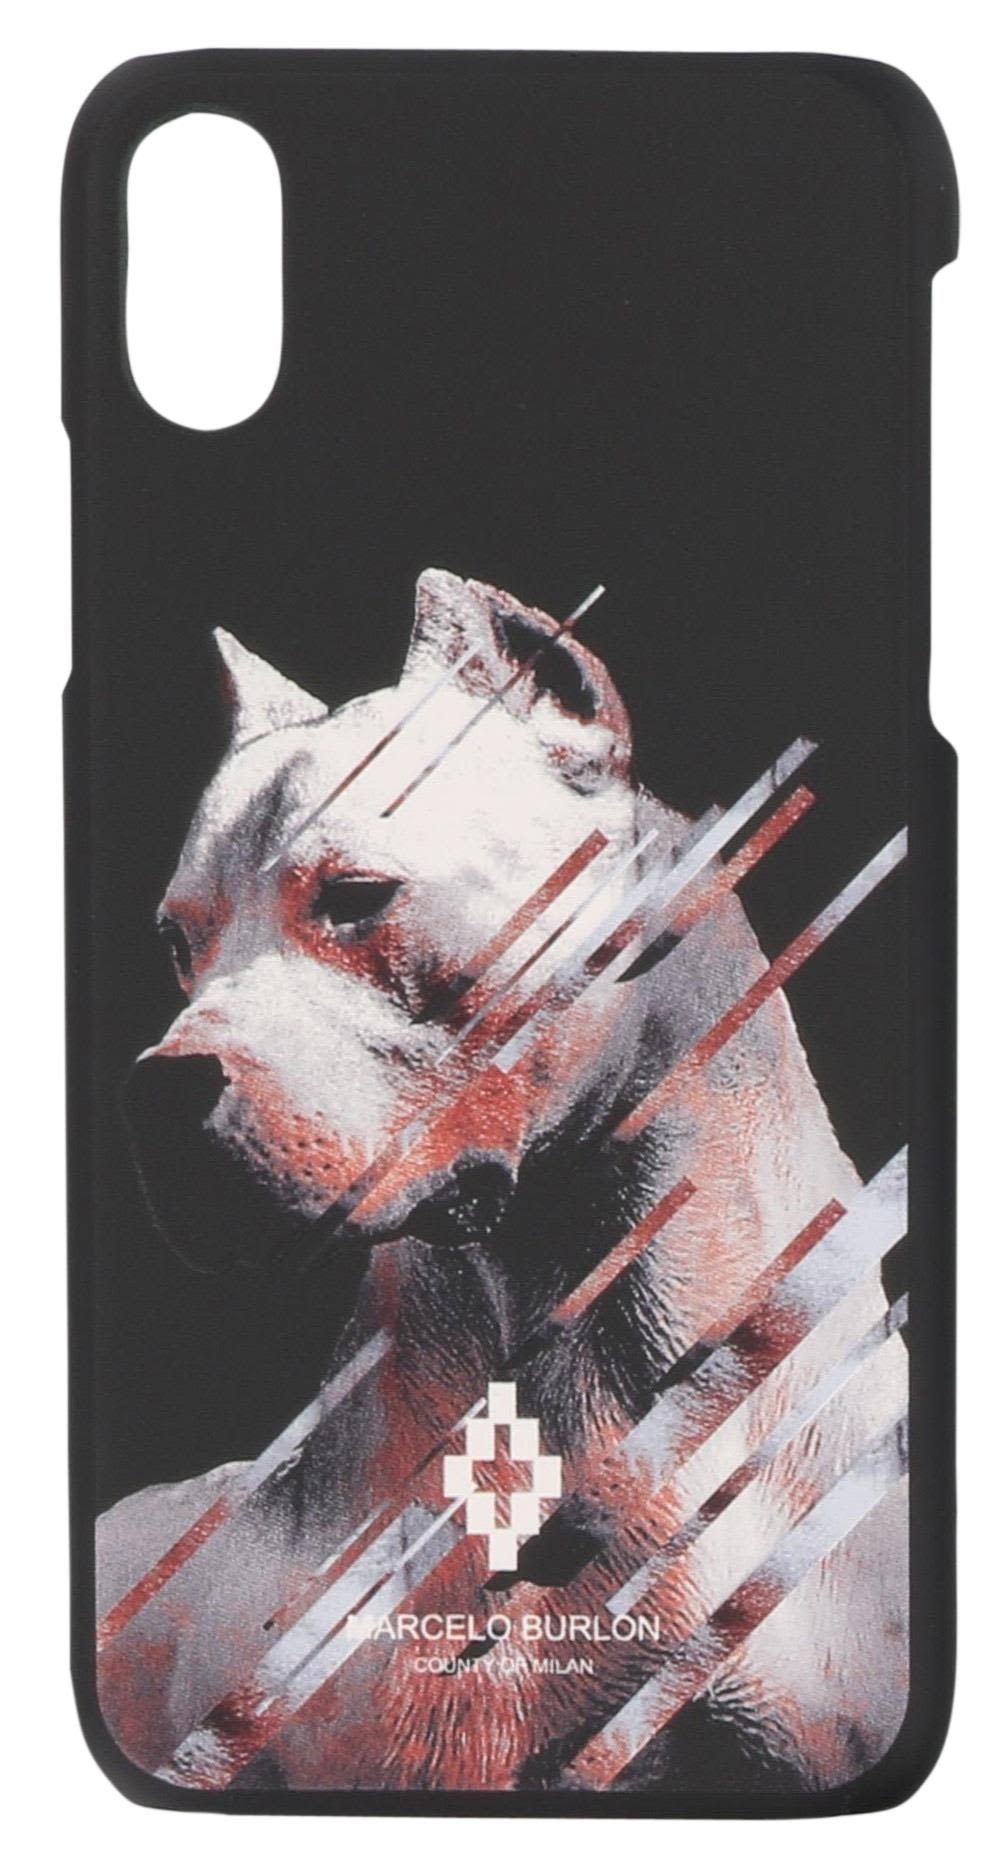 sale retailer 35c8f 8aa5e MARCELO BURLON COUNTY OF MILAN DOG IPHONE 8 COVER ...